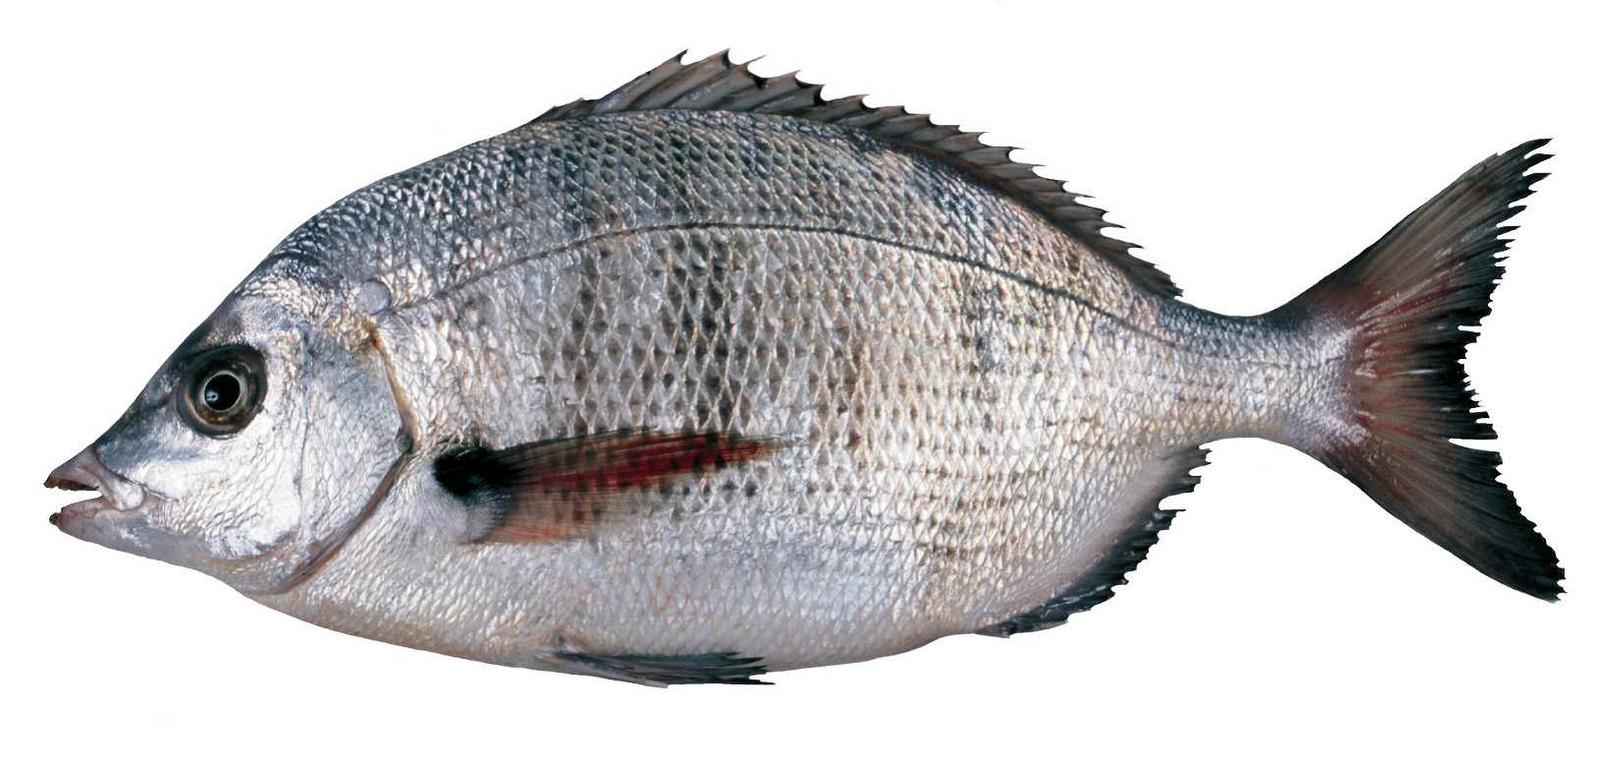 Artes de pesca vamos a pescar sargo picudo - Fotos de peces del mediterraneo ...